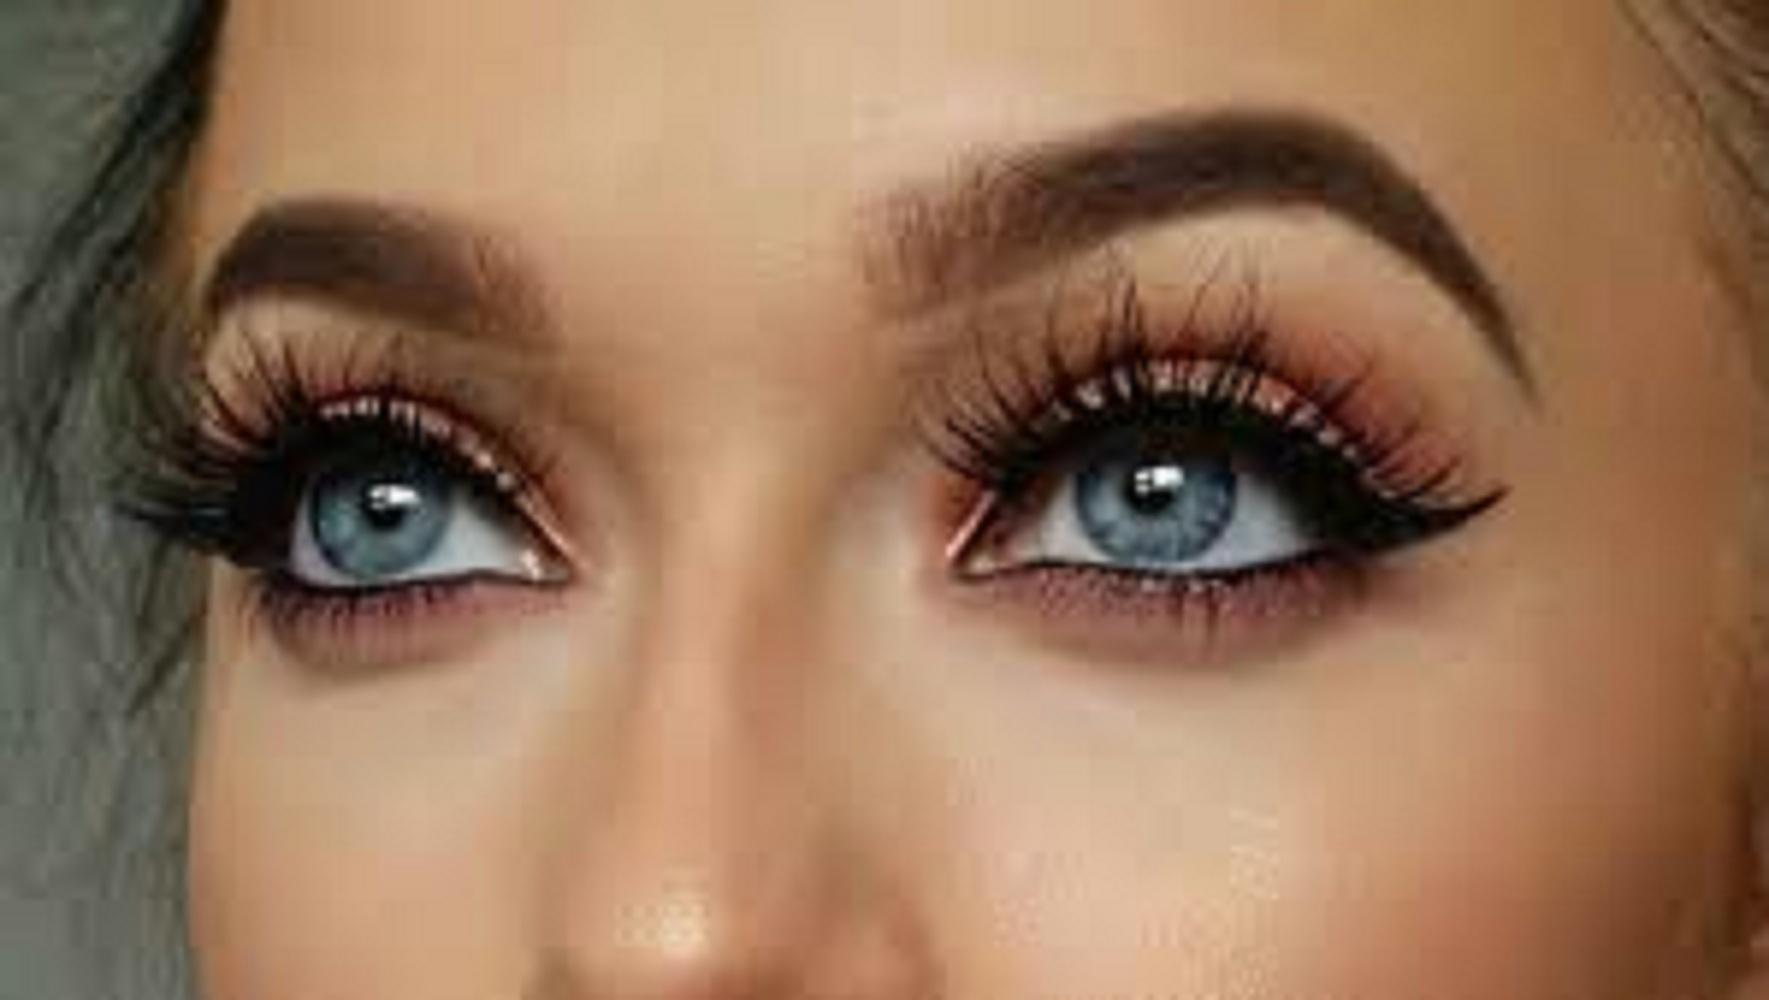 egy barna szemű nő normális látással rendelkezik a látás helyreállításának nem műtéti módszerei